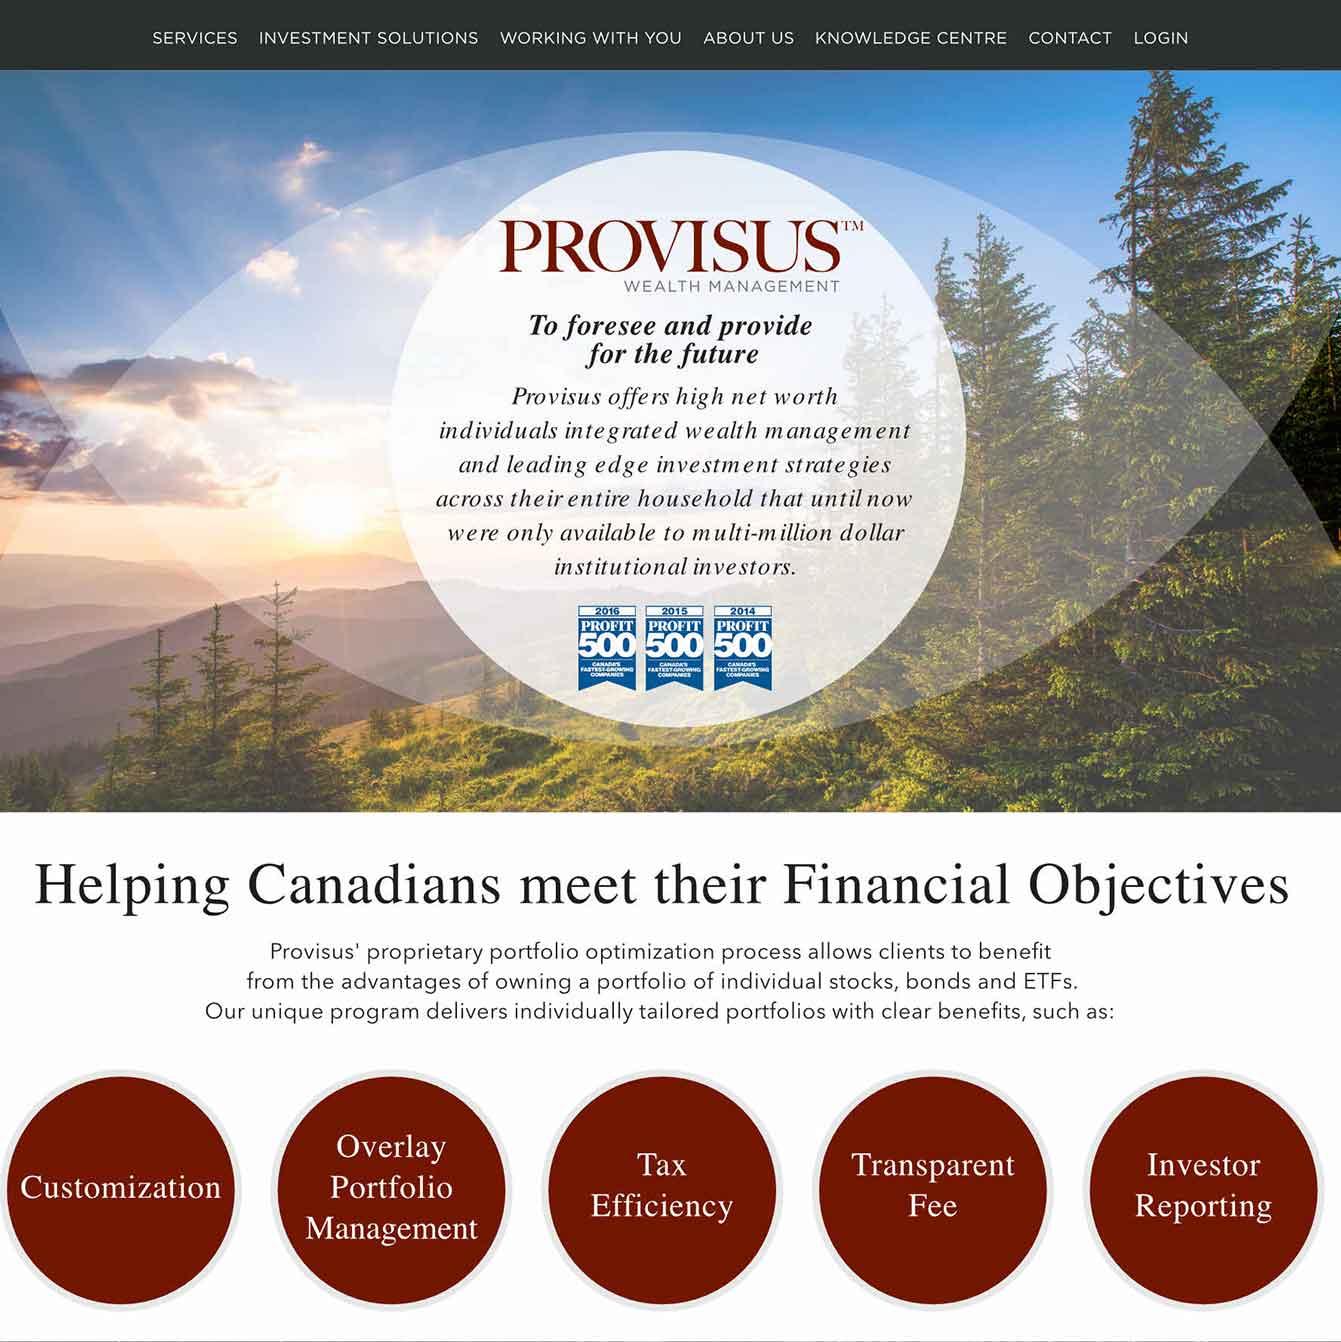 Web Design for Provisus.ca